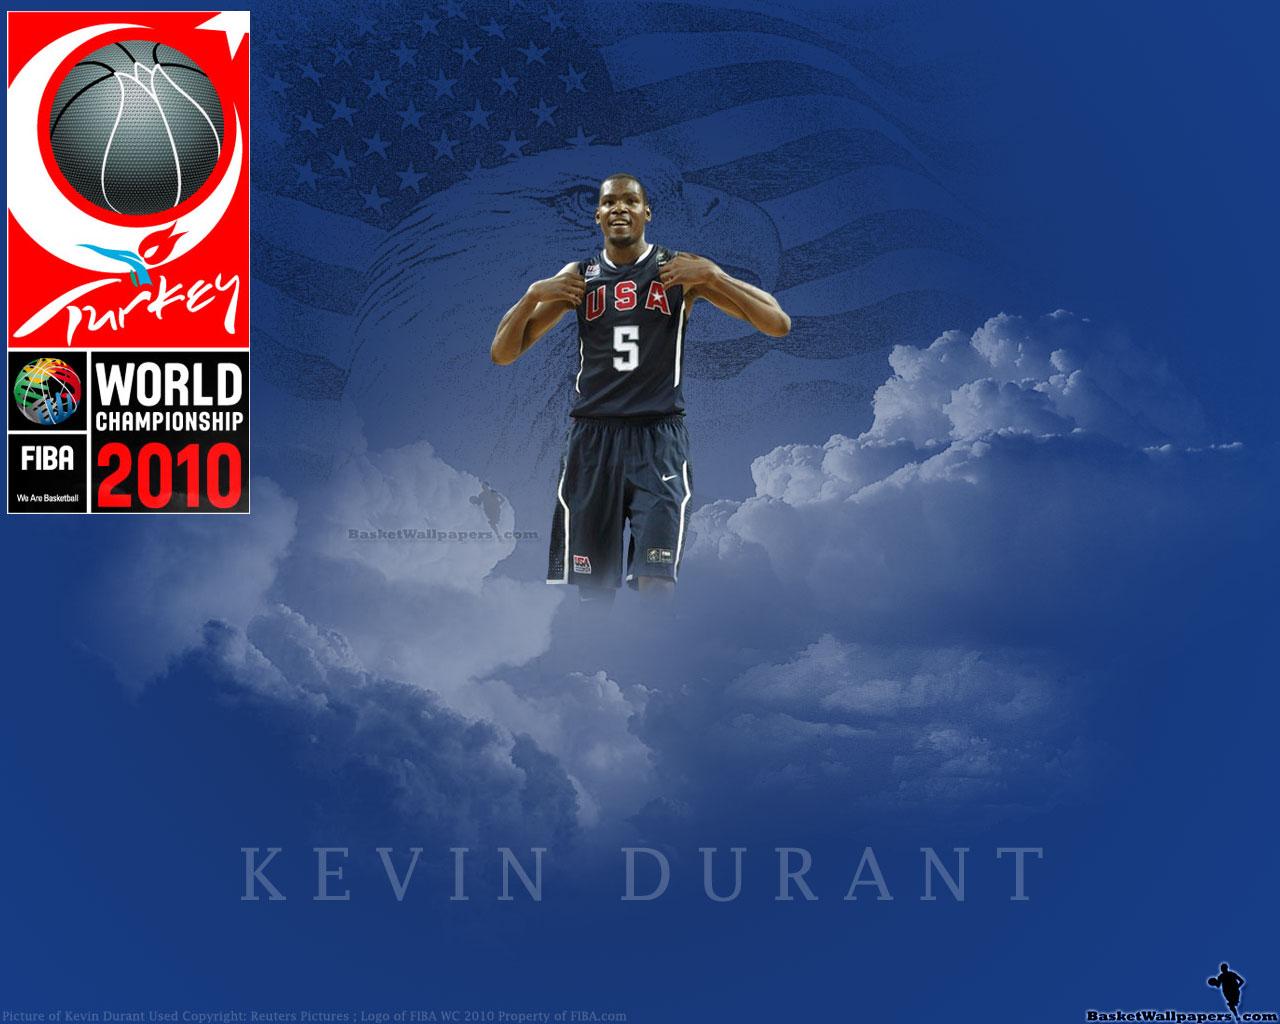 http://1.bp.blogspot.com/_Wg6aUKXC6KY/TKNxrZw0wZI/AAAAAAAACNU/nhVoNs64SGI/s1600/Kevin-Durant-FIBA-WC-2010-Wallpaper.jpg